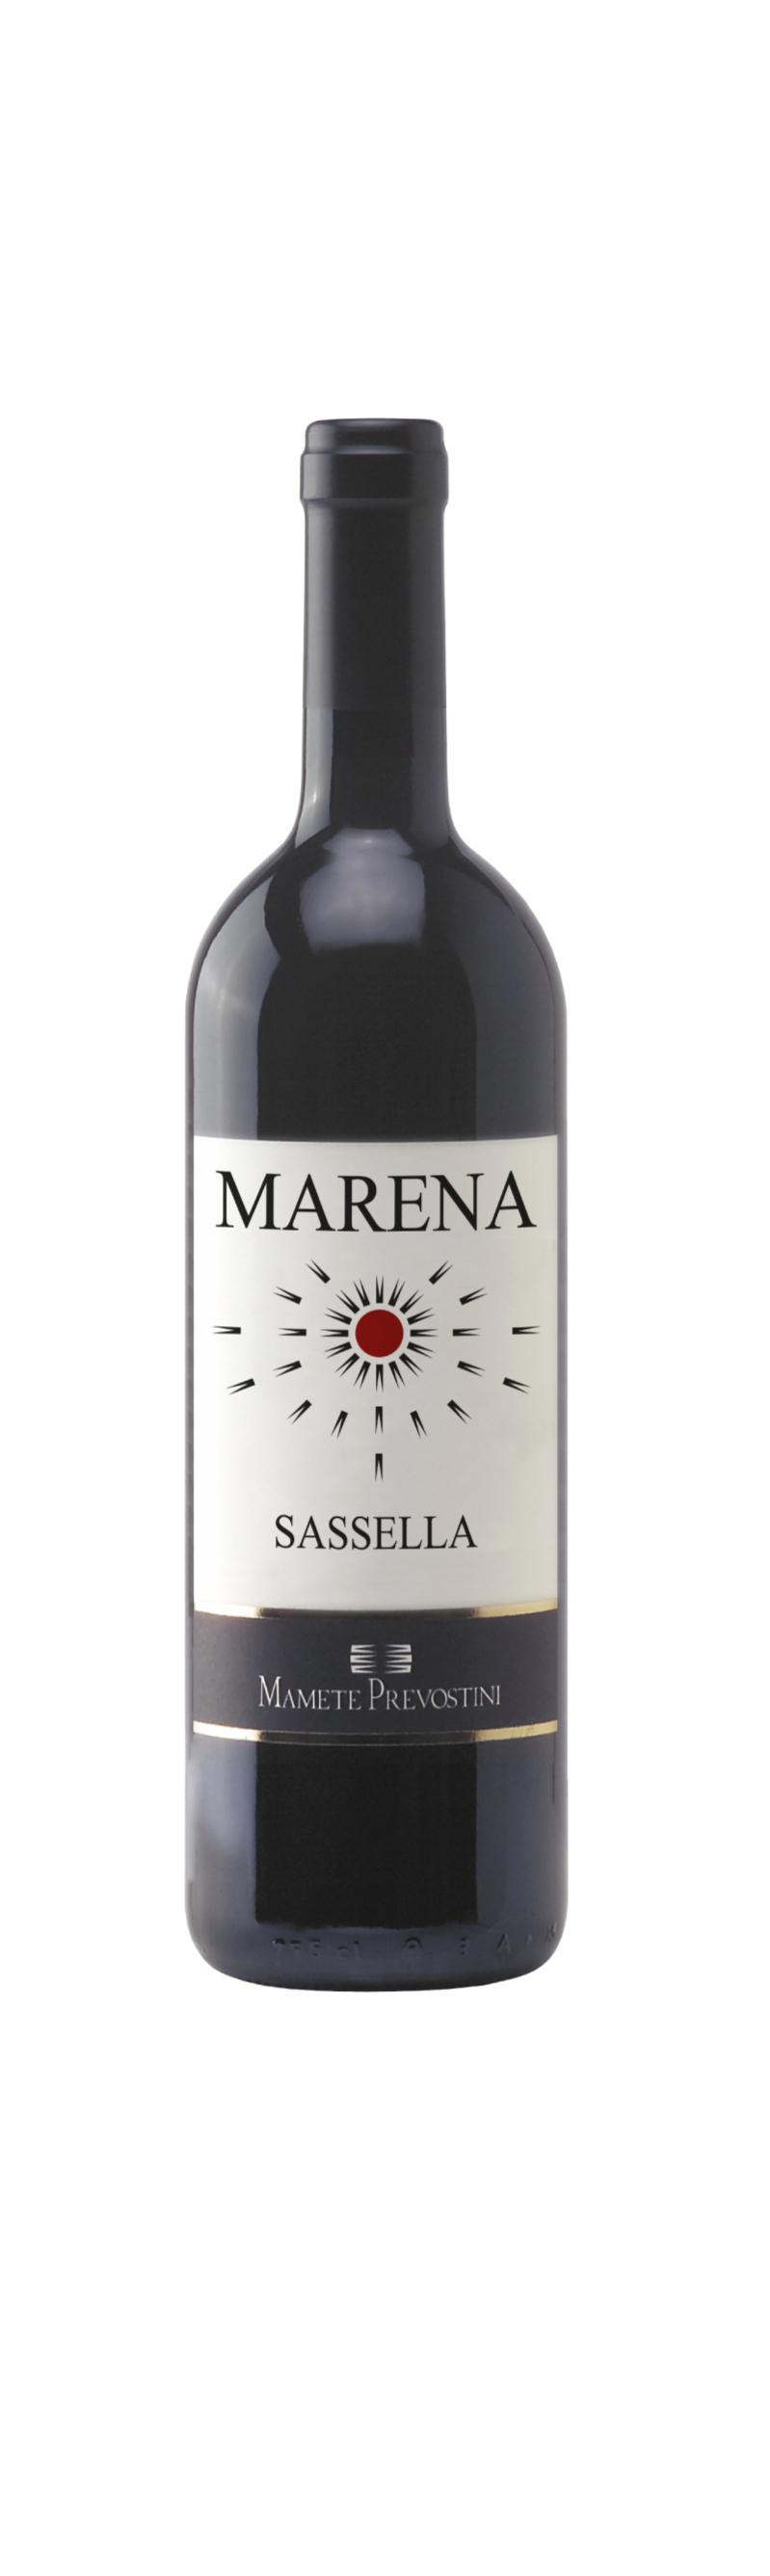 Marena Sassella Valtellina Superiore Docg